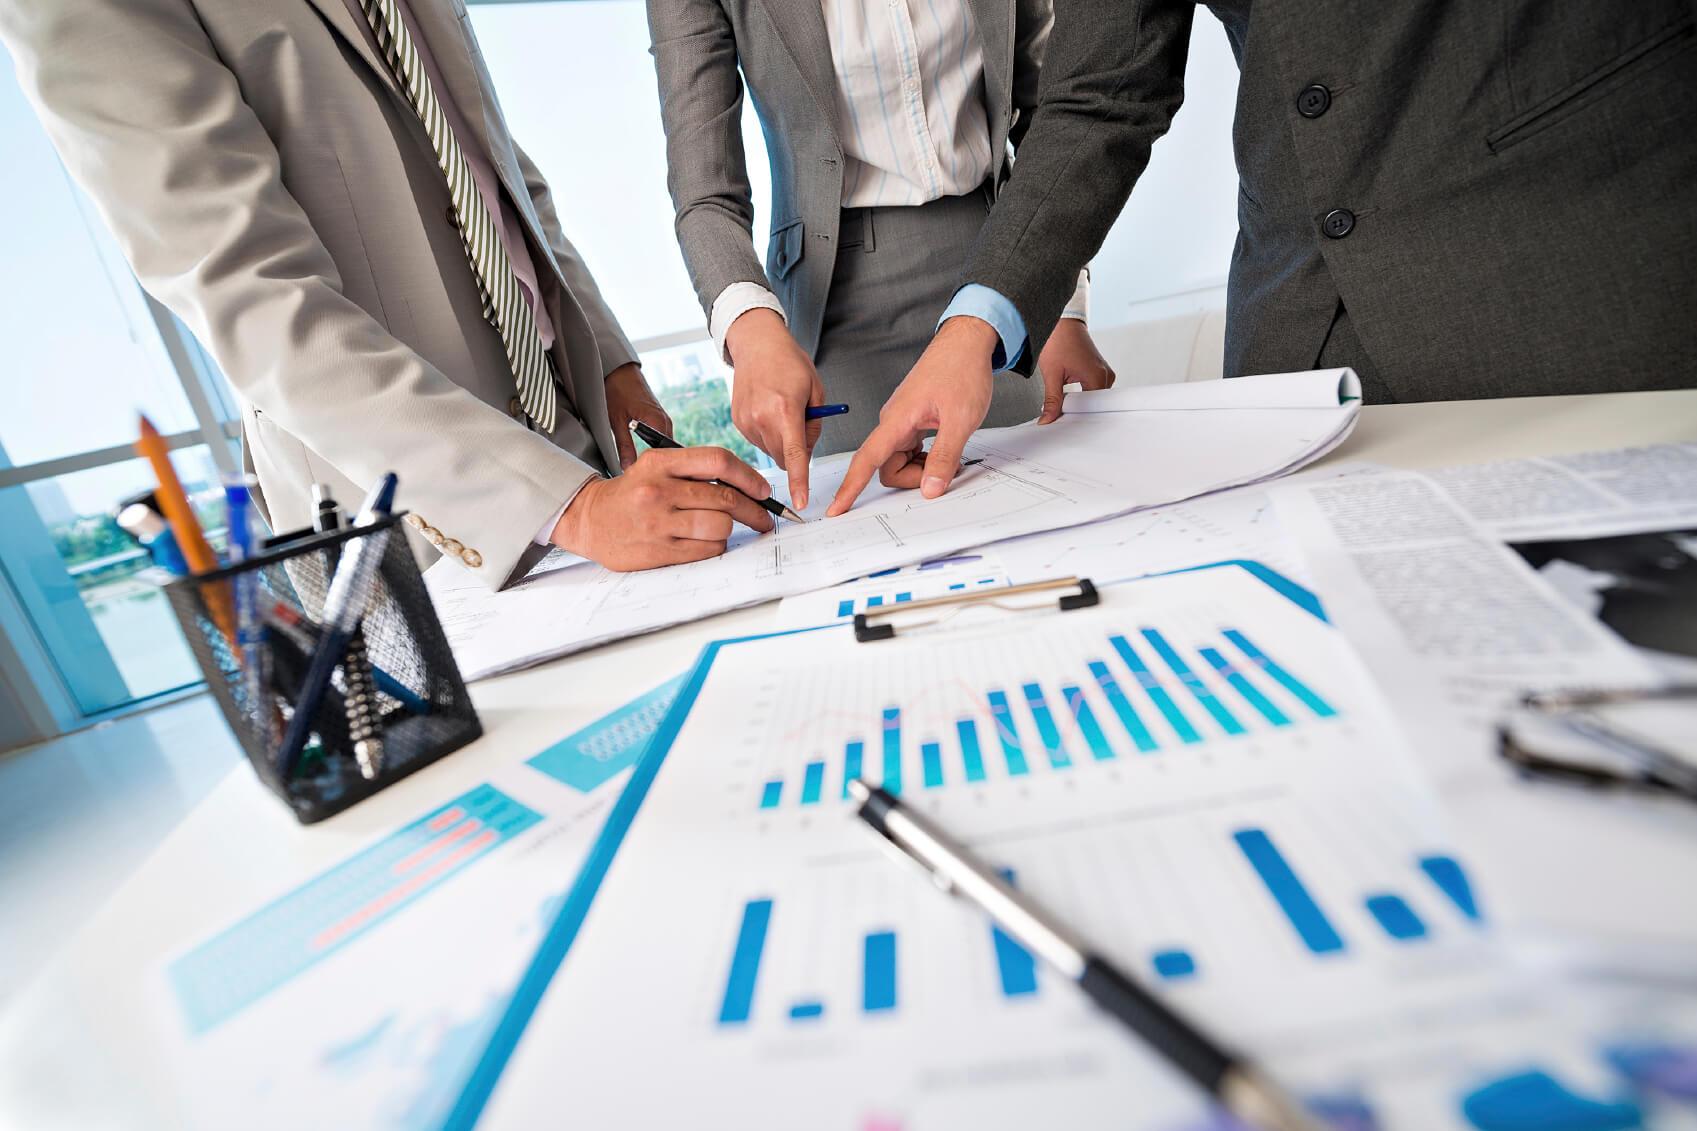 Leilões Judiciais São Alternativas Para Quem Quer Investir? Confira As Dicas Mais Importantes!